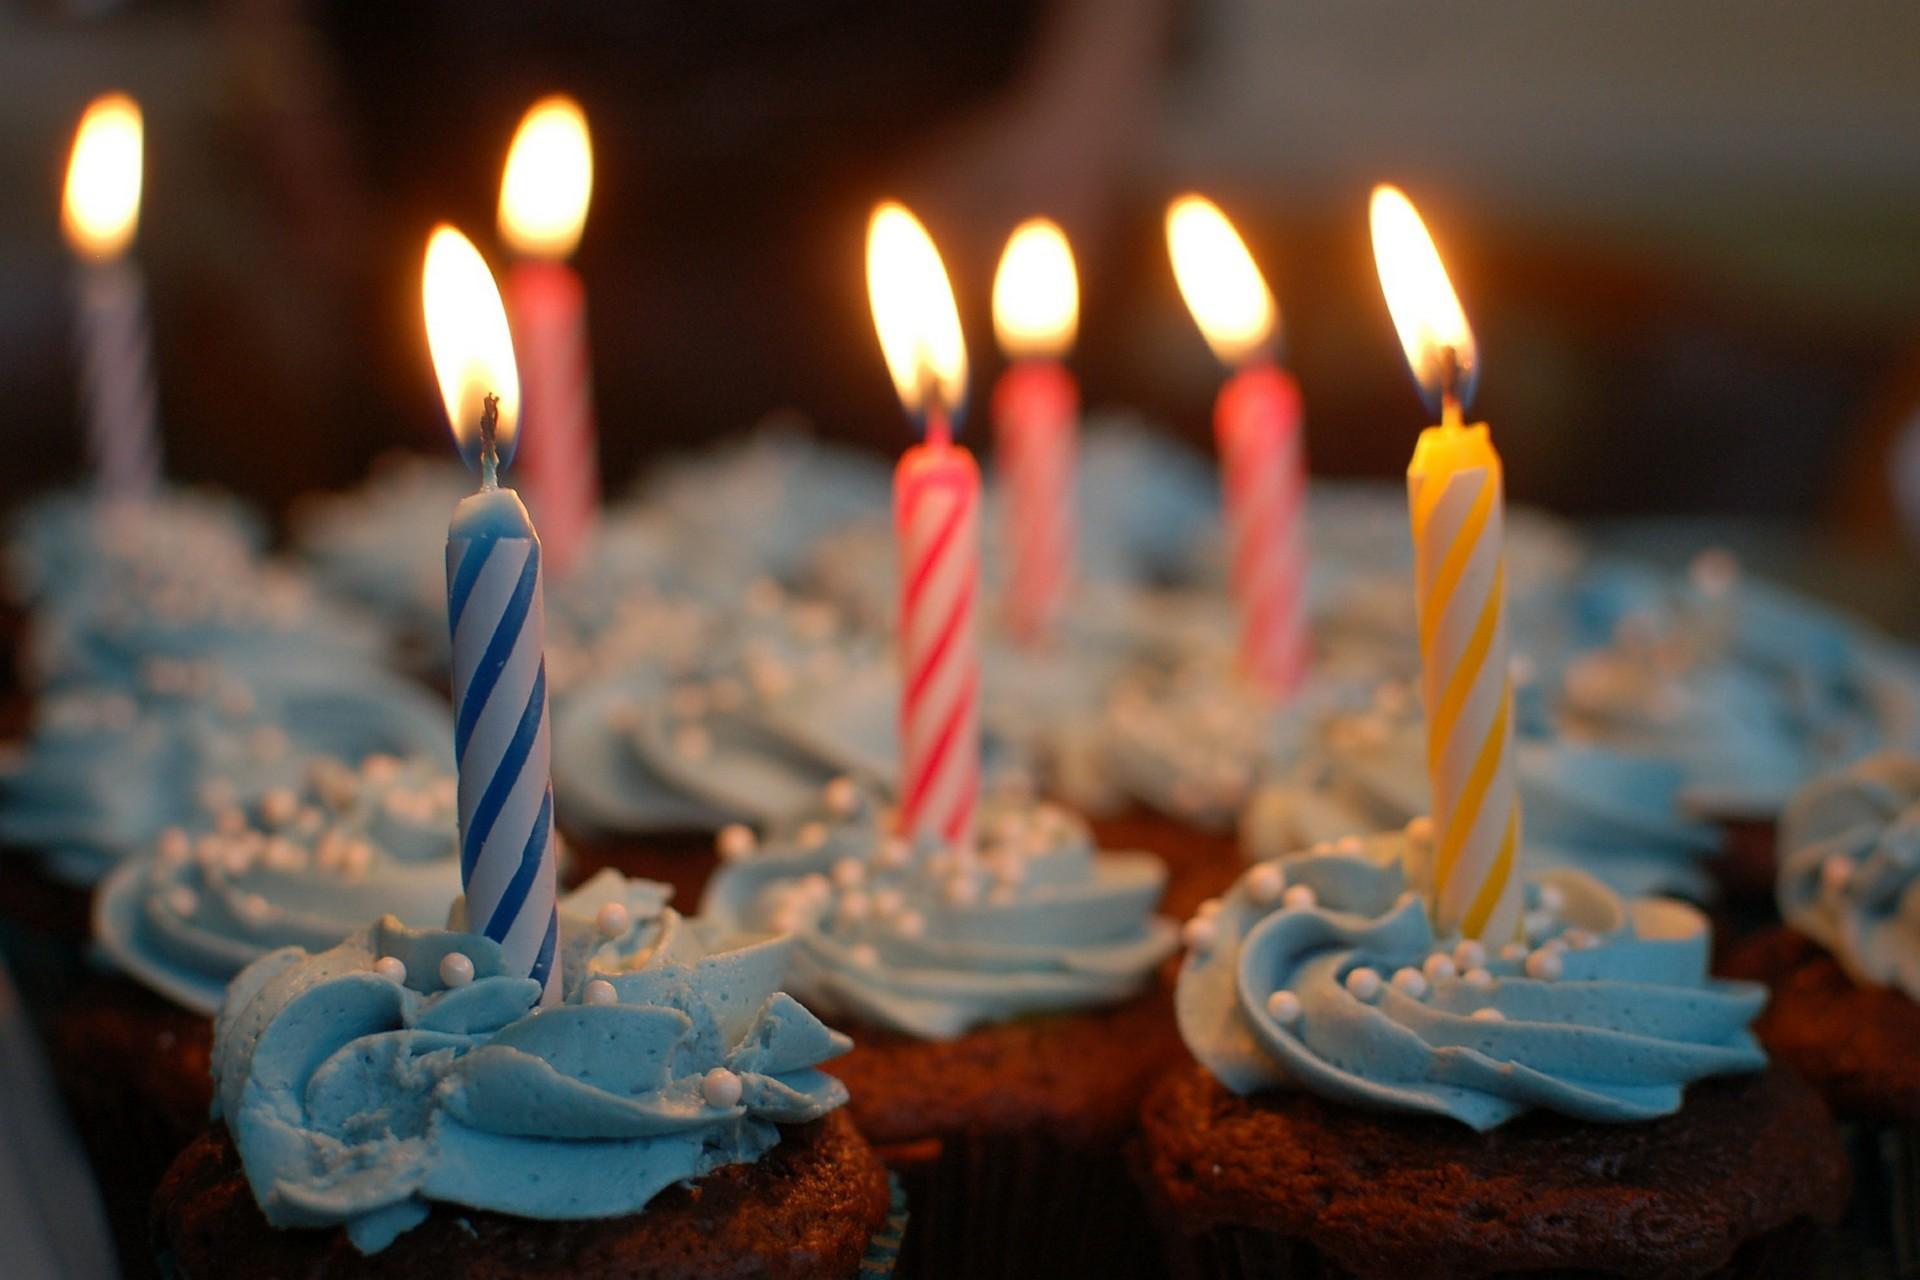 SALLE-SEMINAIRE-RECEPTION-CHERBOURG-IBIS-reception-privee-anniversaire-3